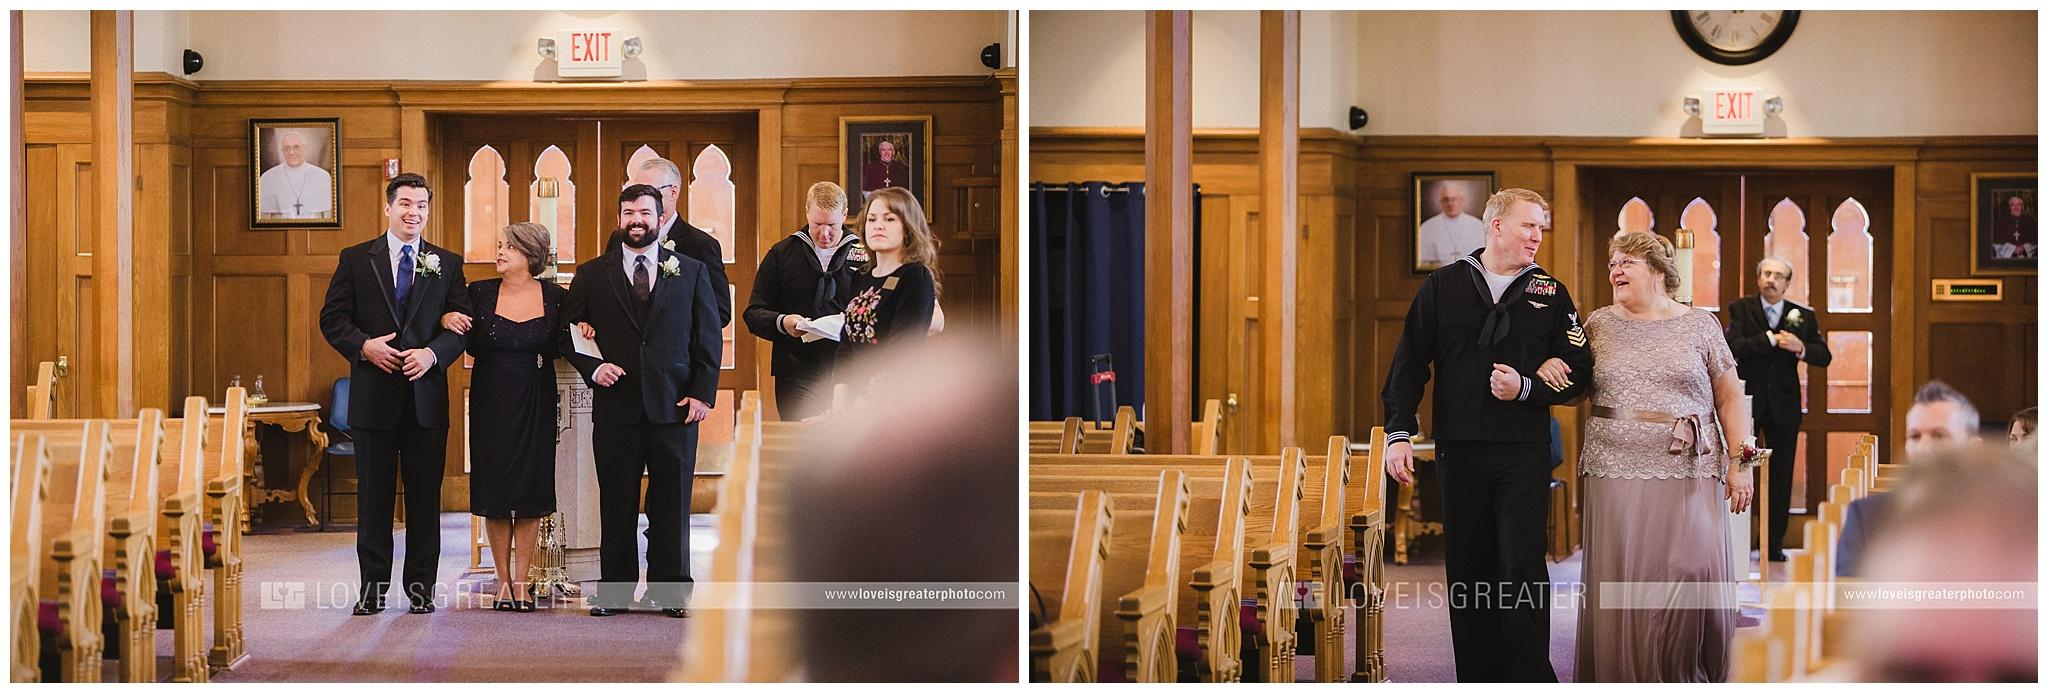 toledo-wedding-photographer_0007